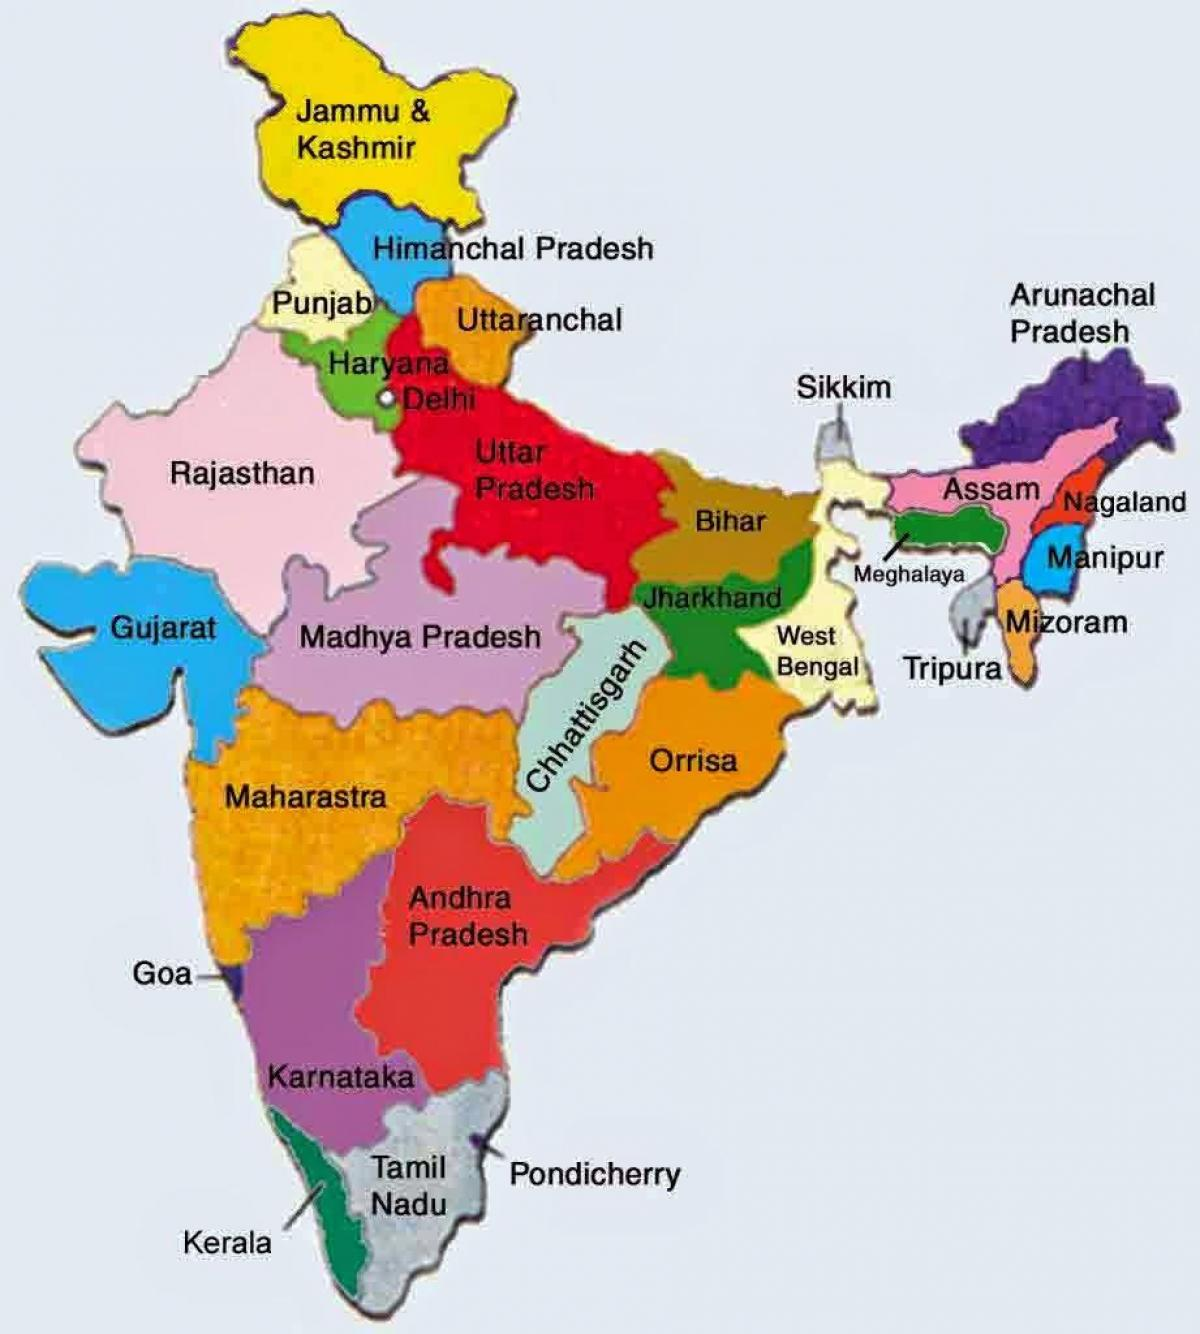 indien karta kerala Visa Indien karta med stater   Indien karta och stater (Södra  indien karta kerala